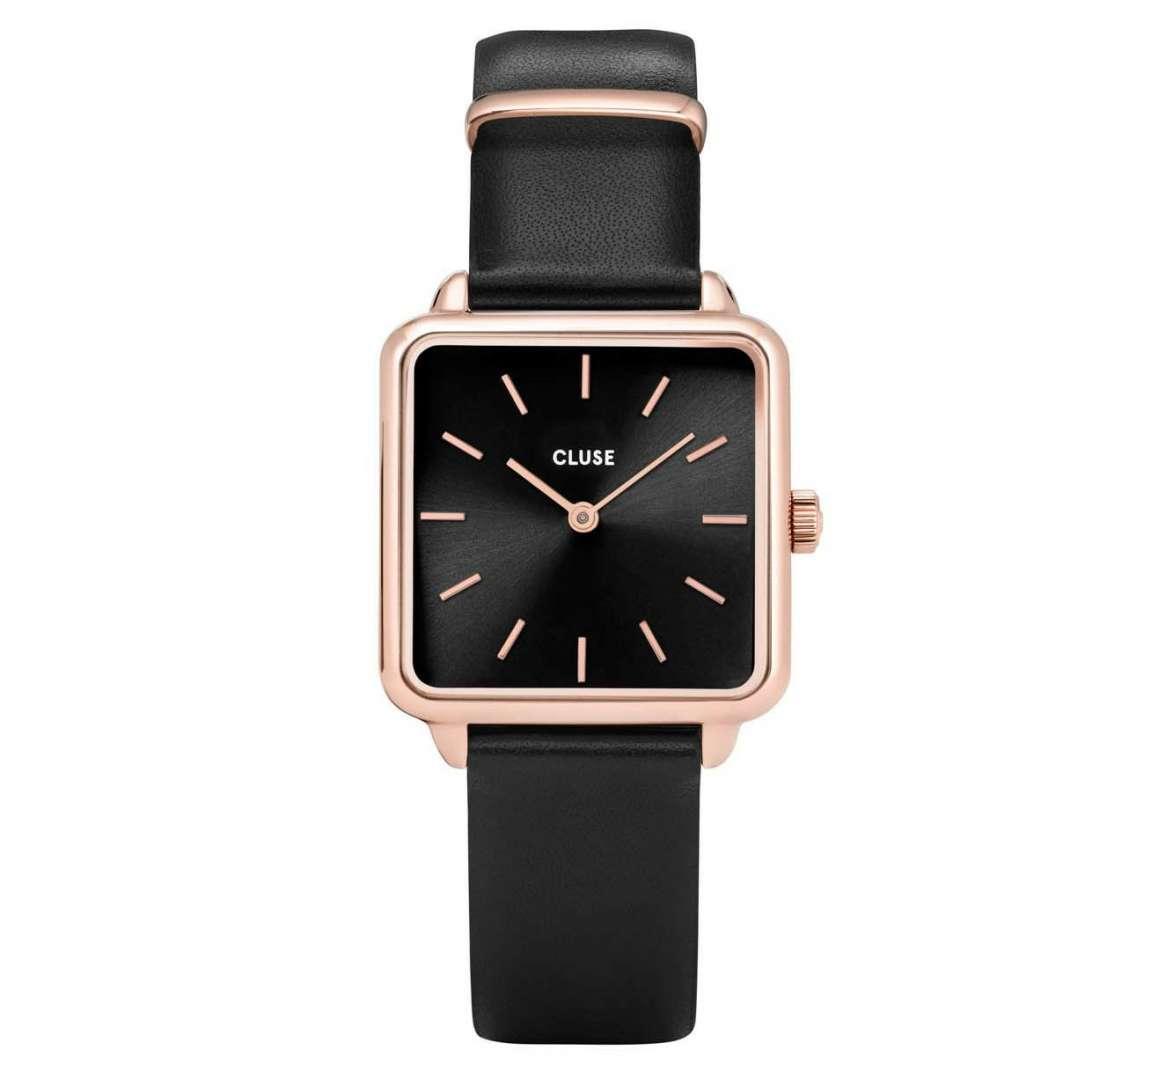 שעון יד אנלוגי cluse cl60007 קלוז